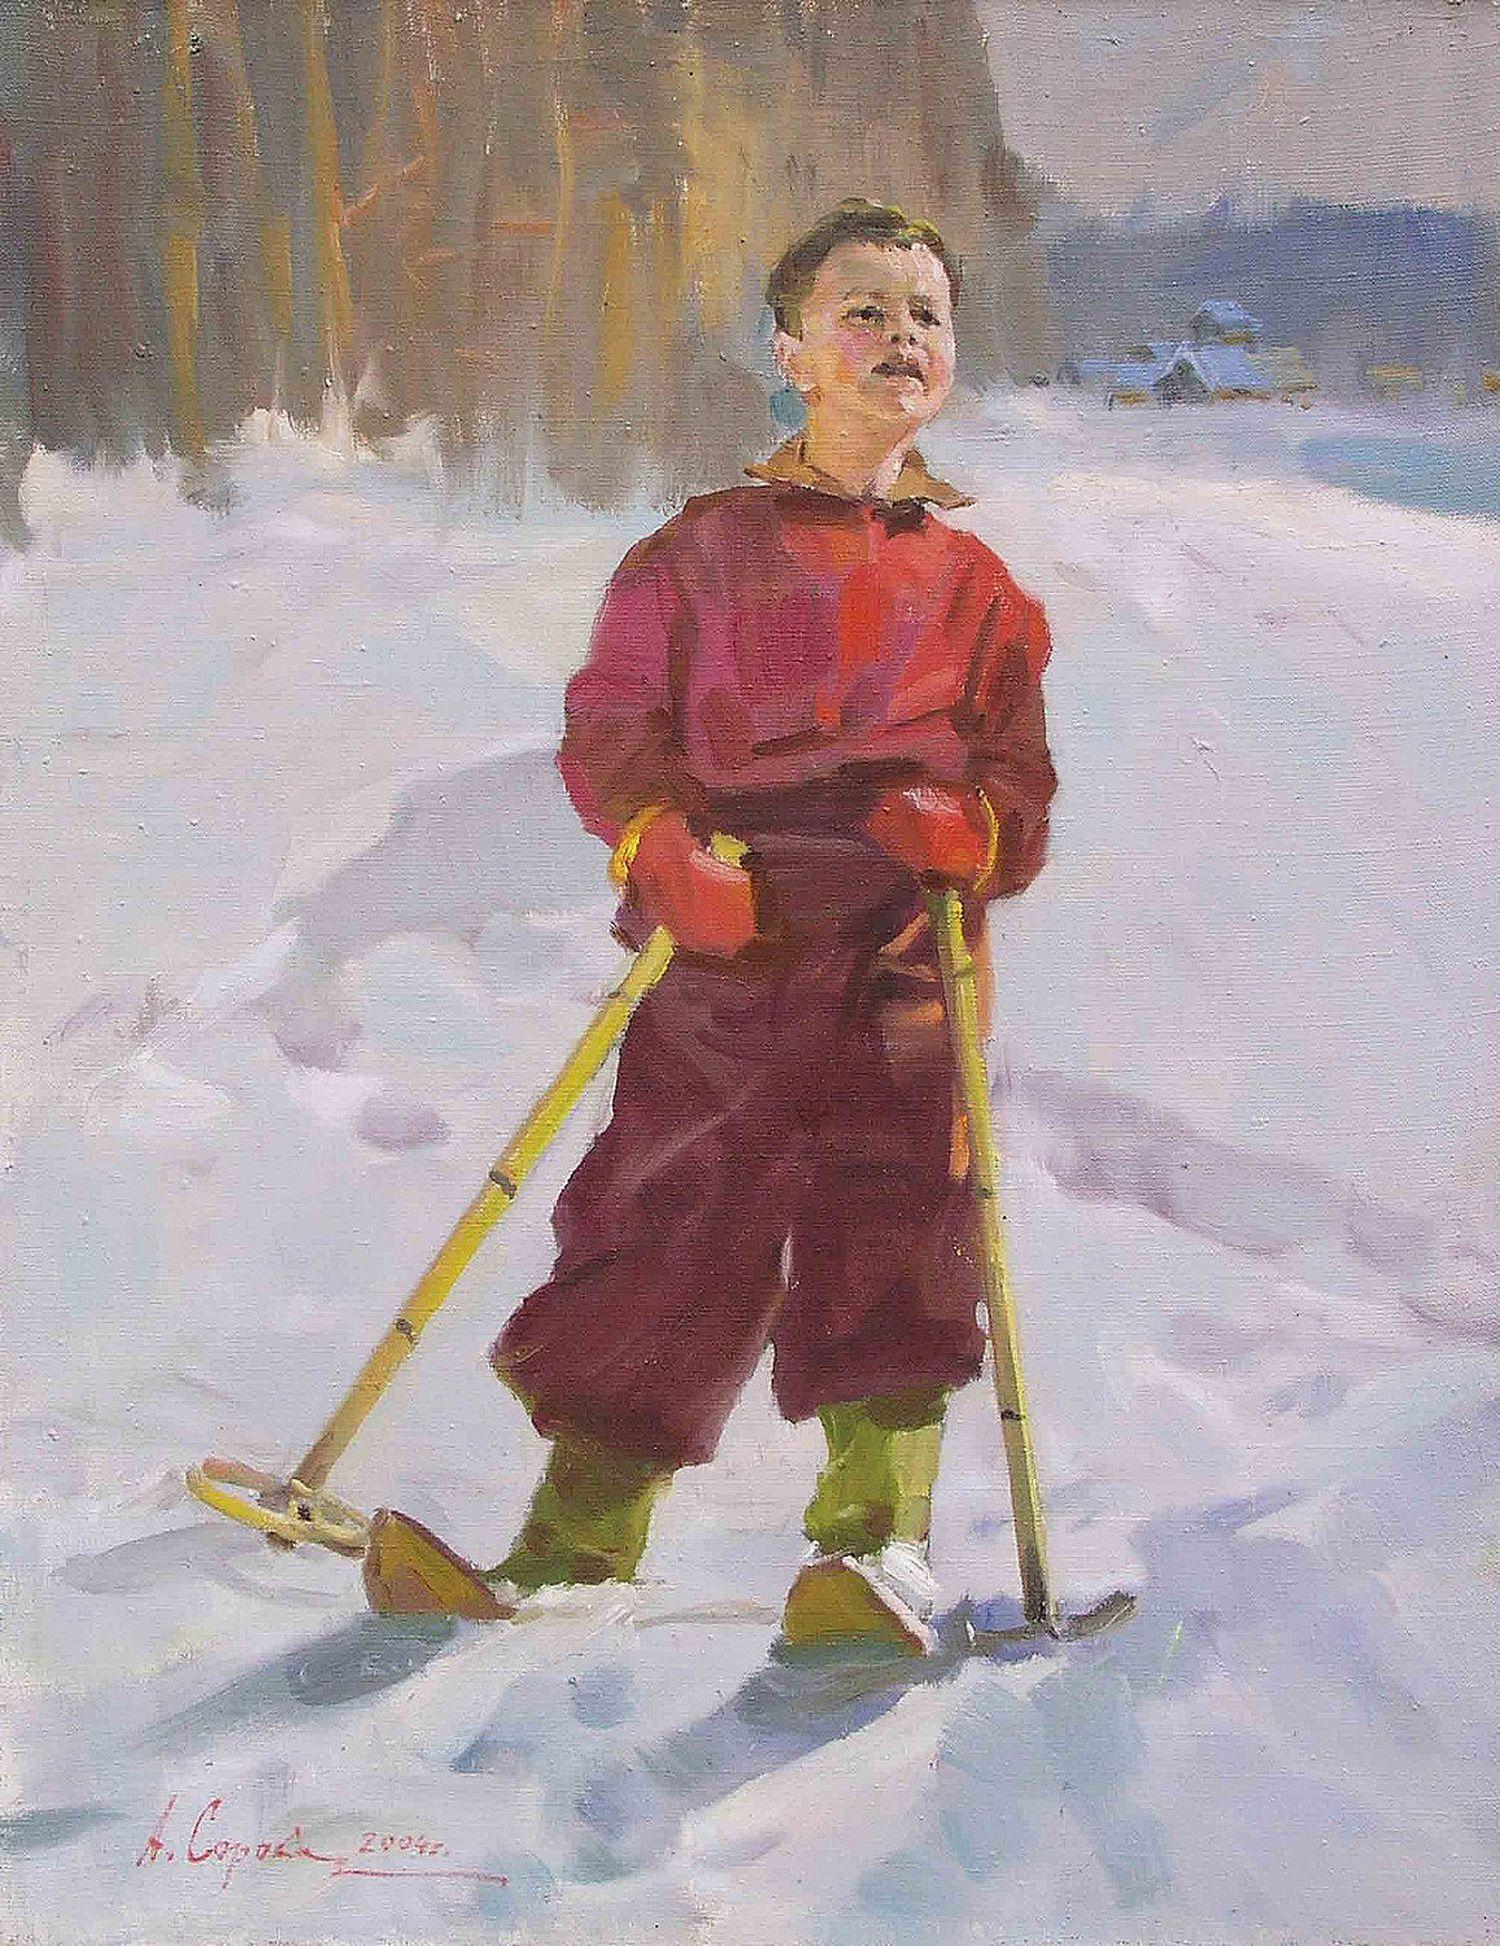 алисе командой юный лыжник картинки совсем трогательной